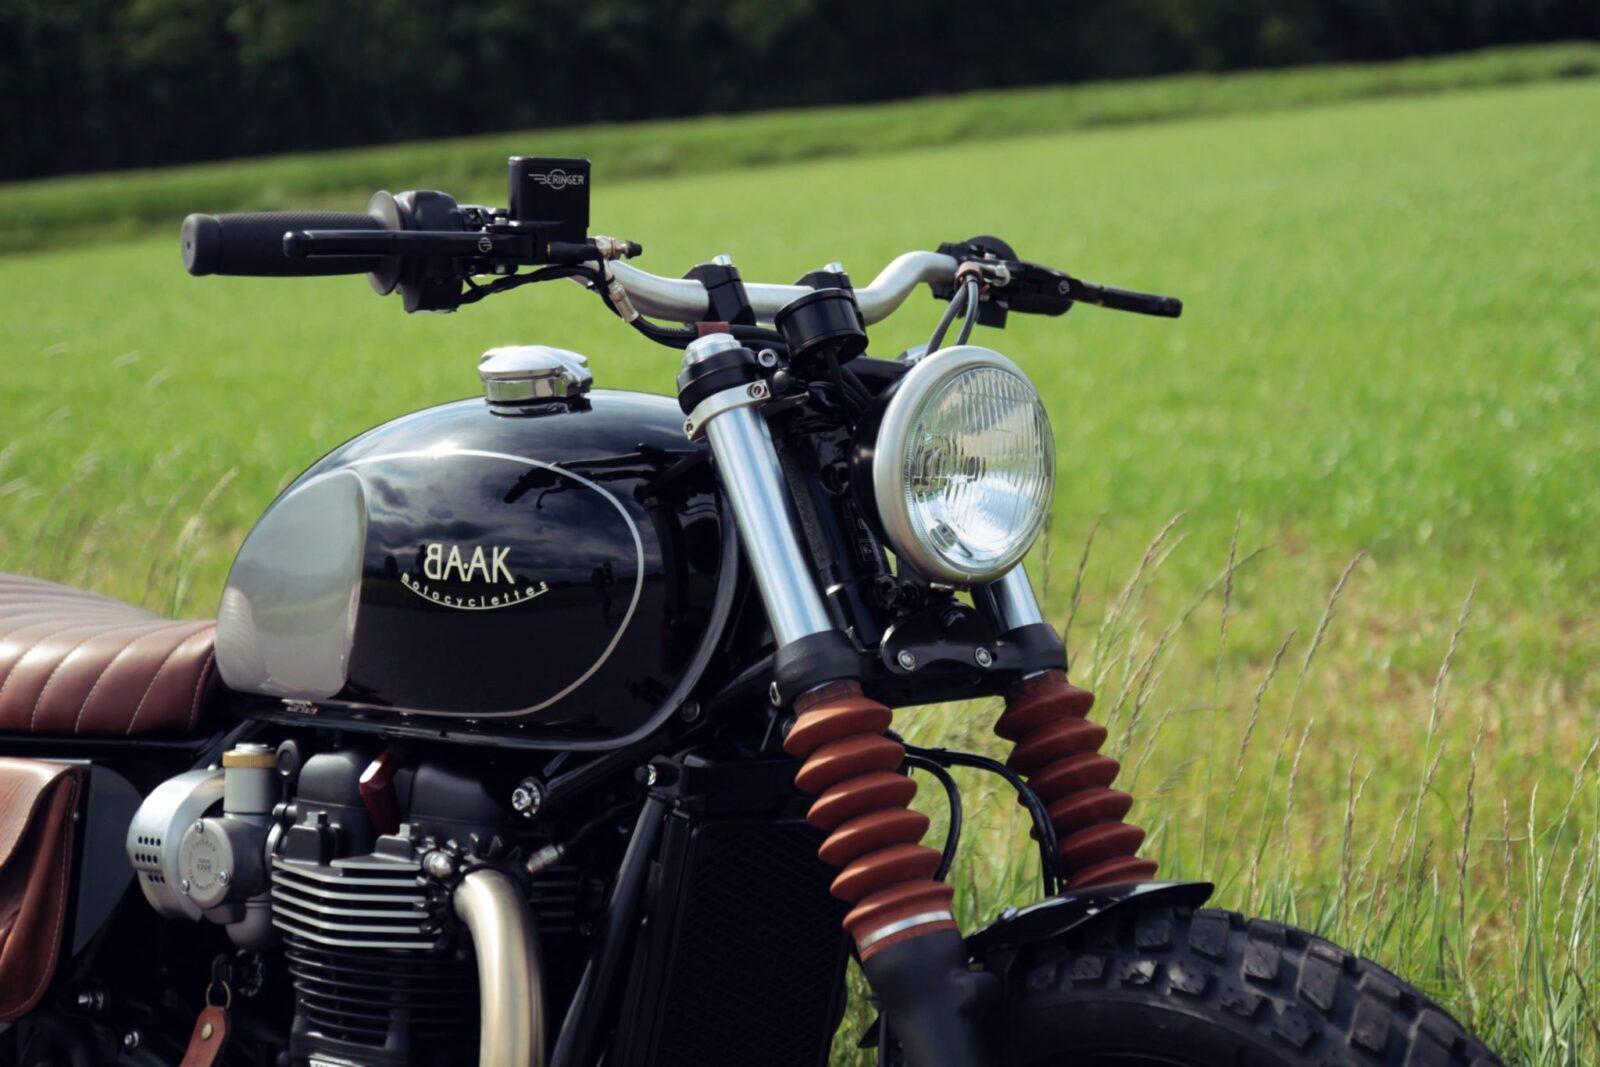 triumph bonneville t120 7 1600x1067 - BAAK Motorcycles Triumph Bonneville T120